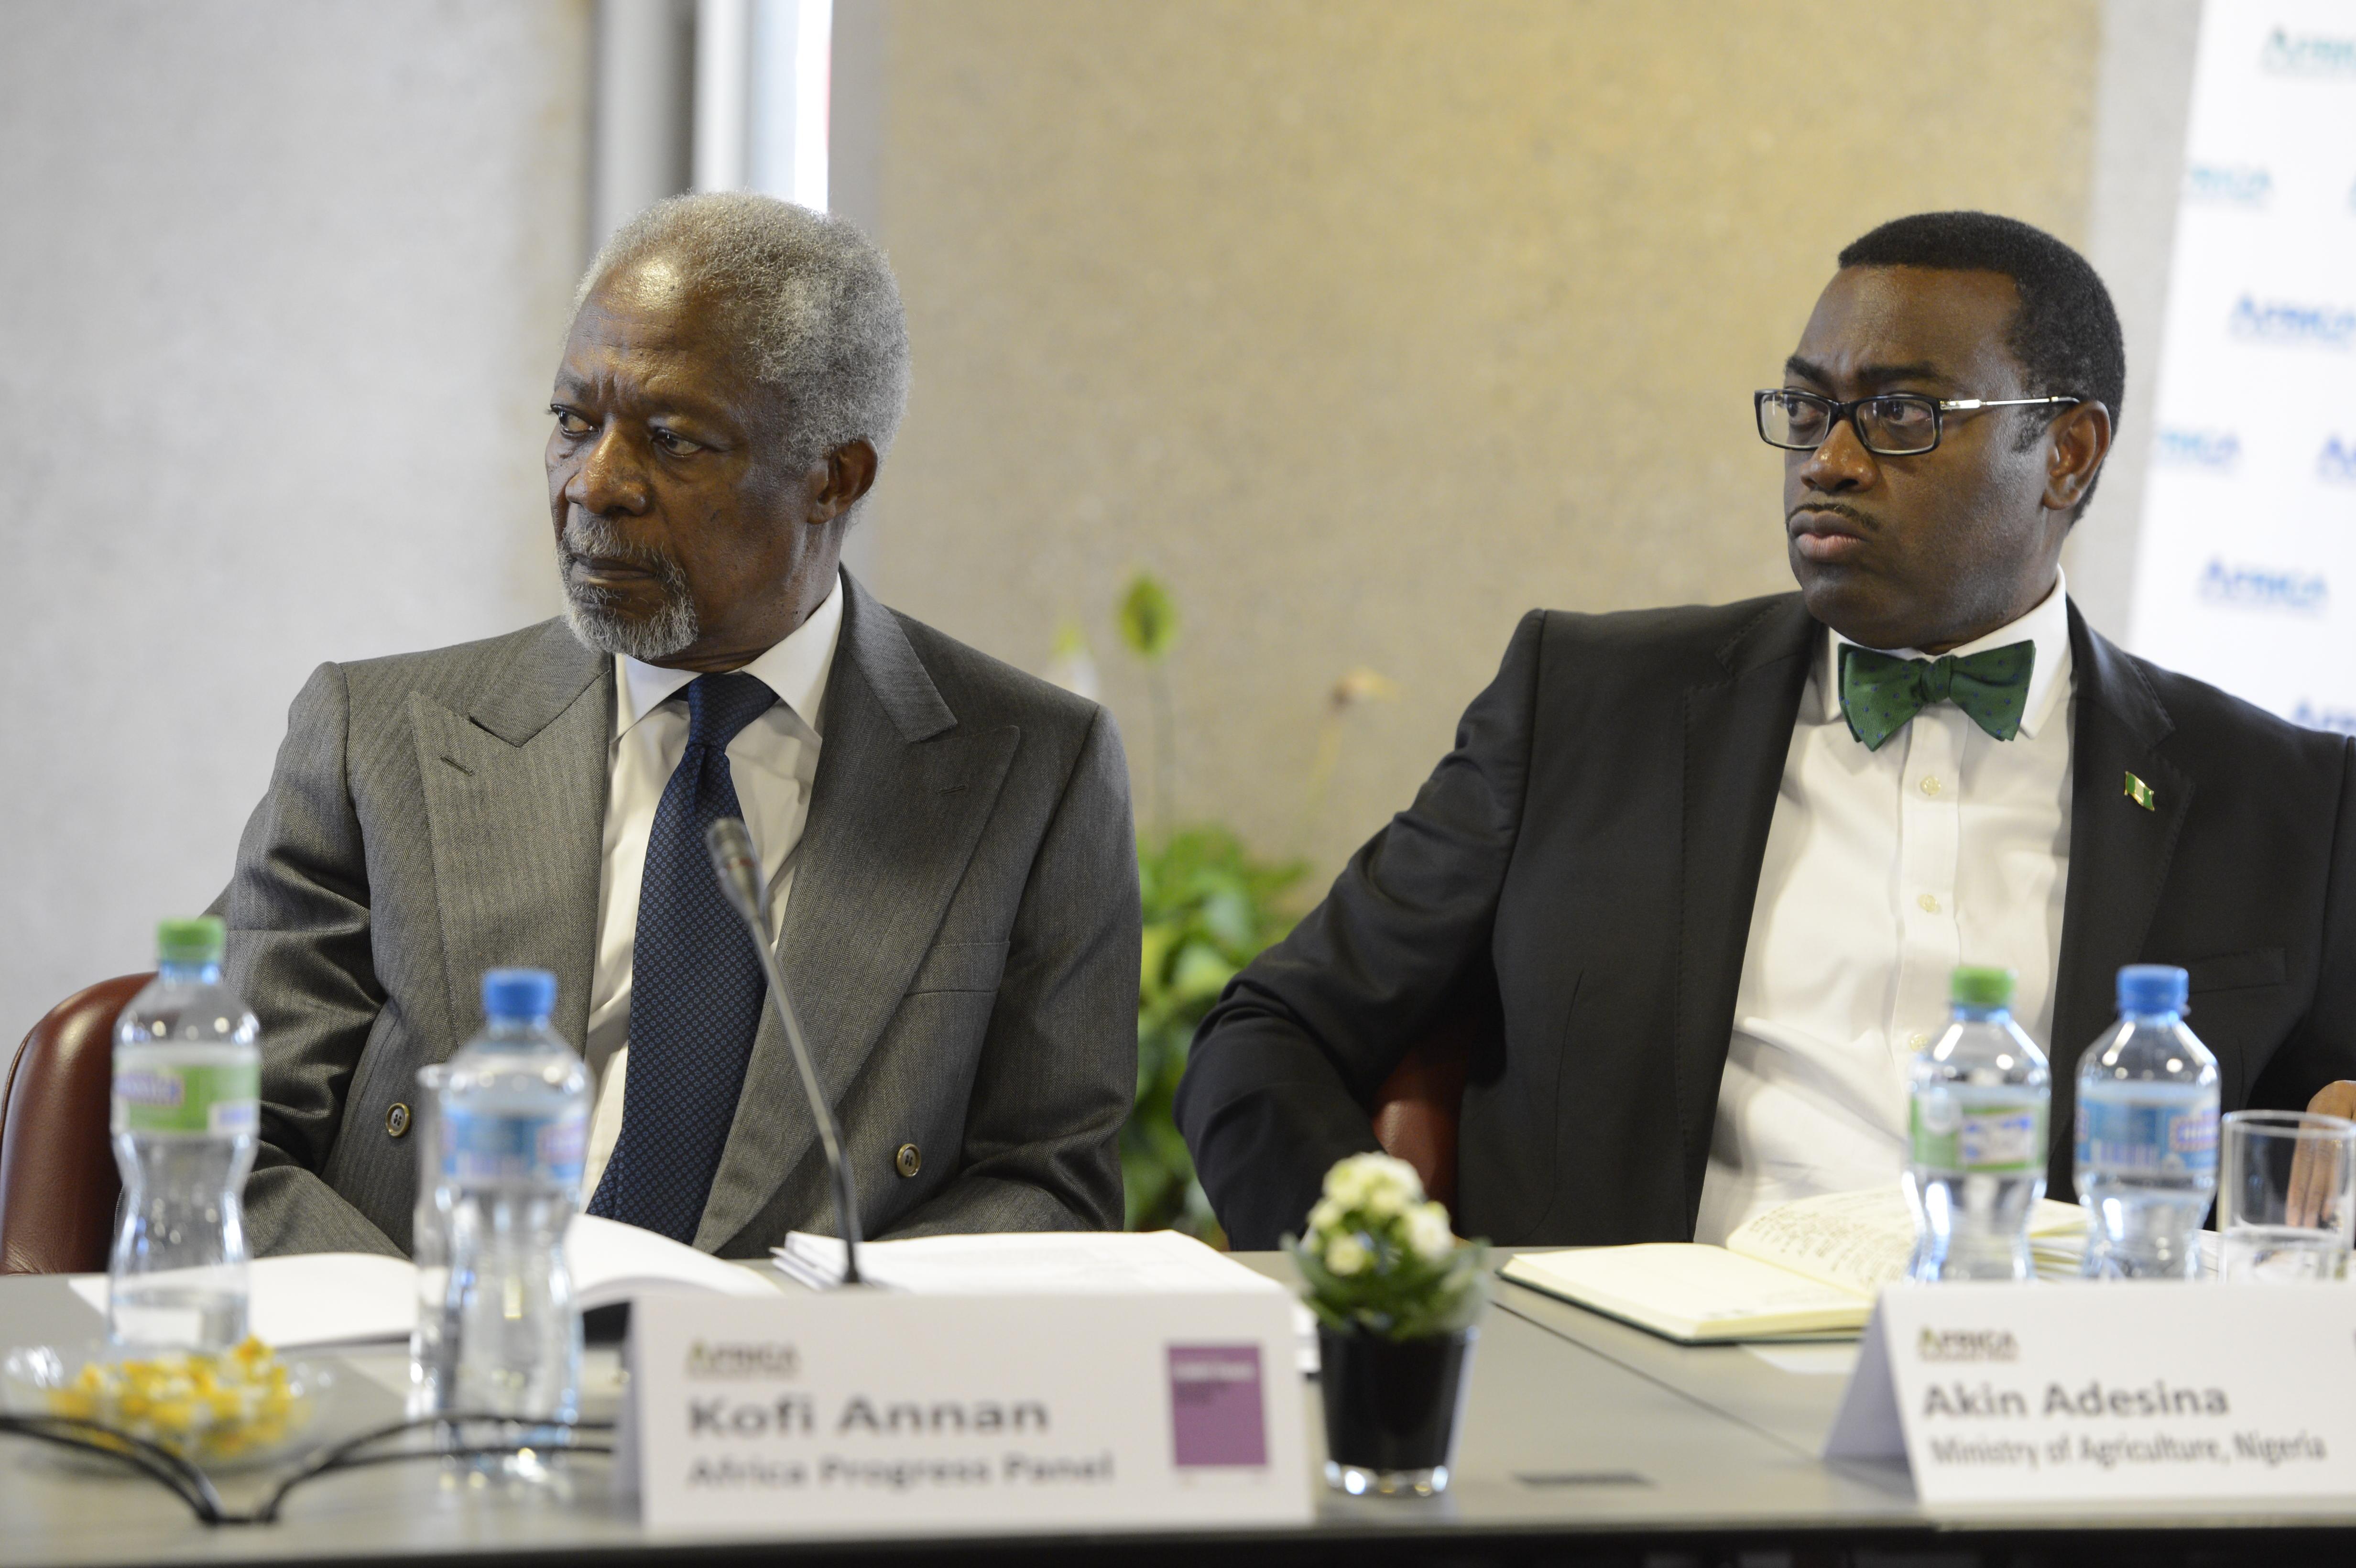 Kofi_Annan_&_Akinwumi_Adesina